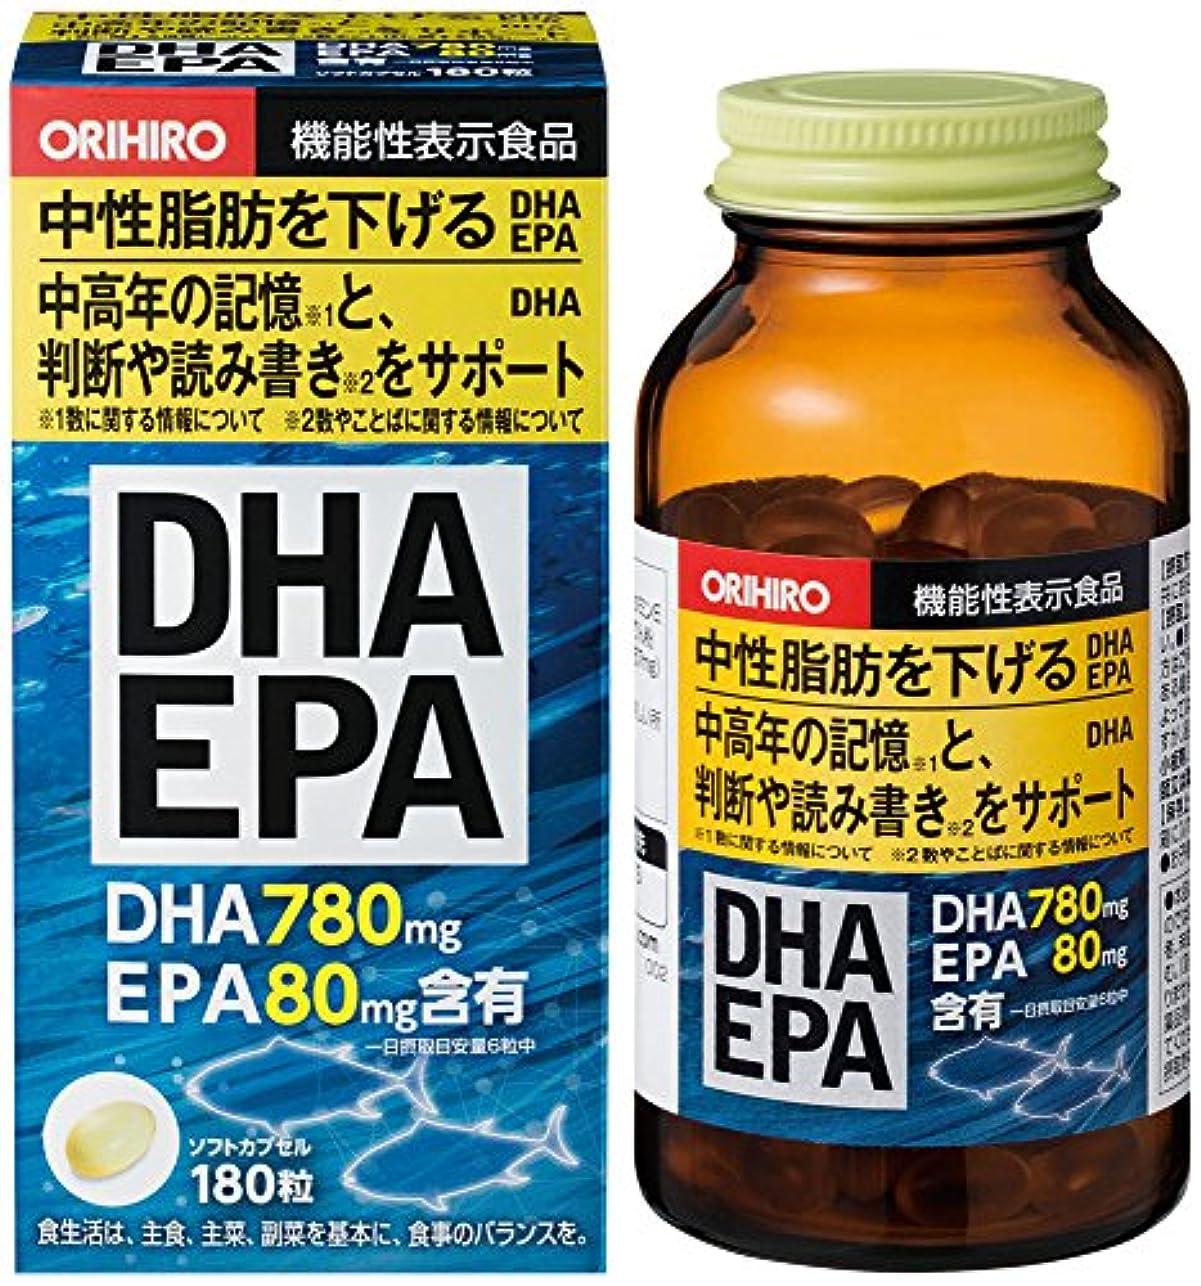 スロット奇跡的な腐食するオリヒロ DHA?EPA 180粒 [機能性表示食品]